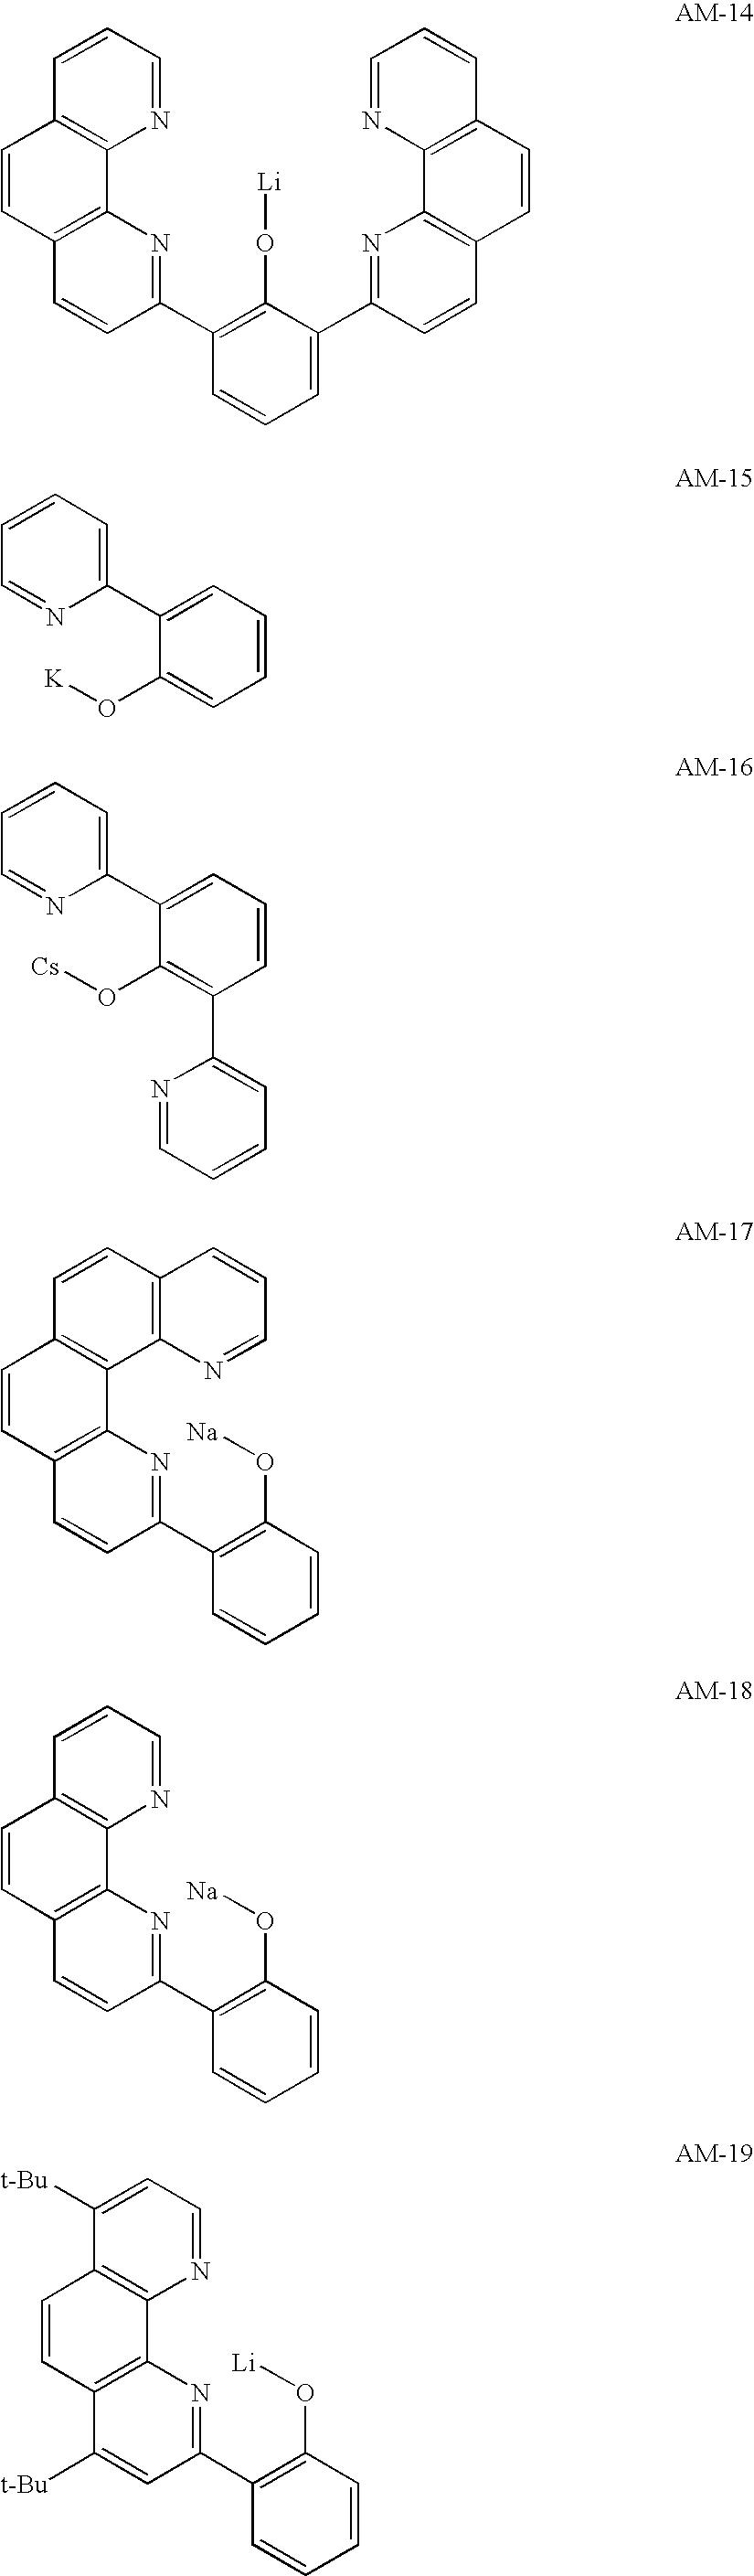 Figure US08216697-20120710-C00016